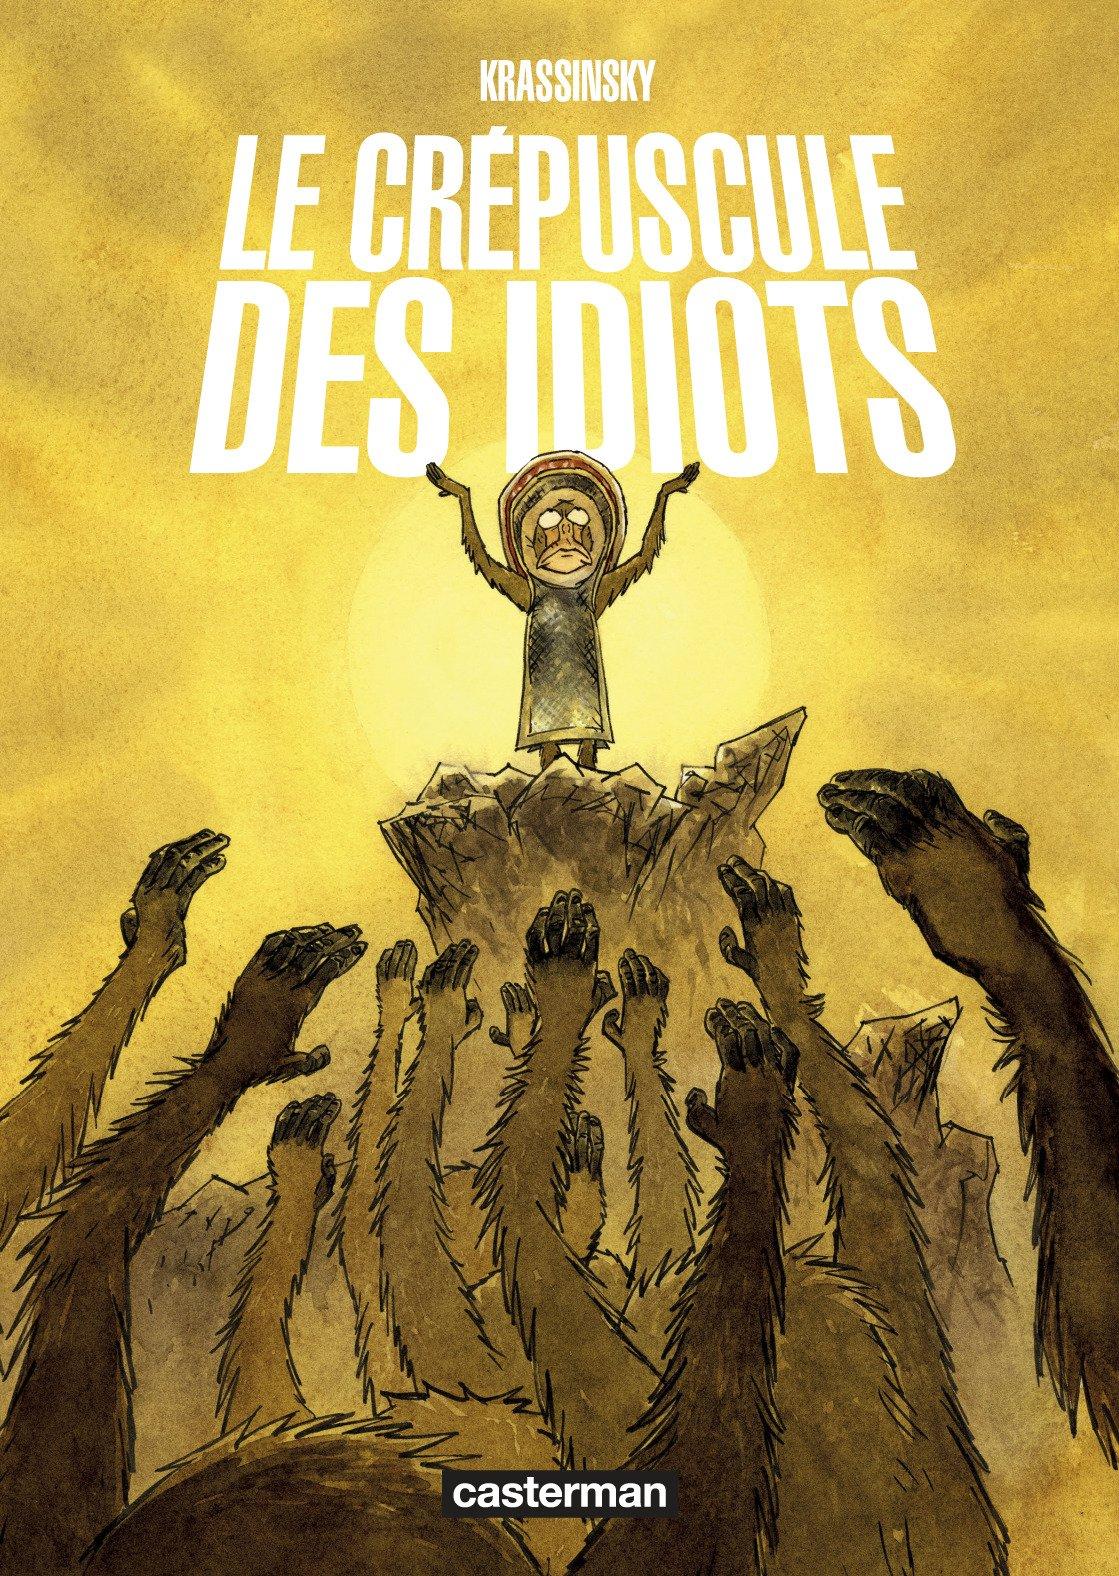 Le crépuscule des idiots 1